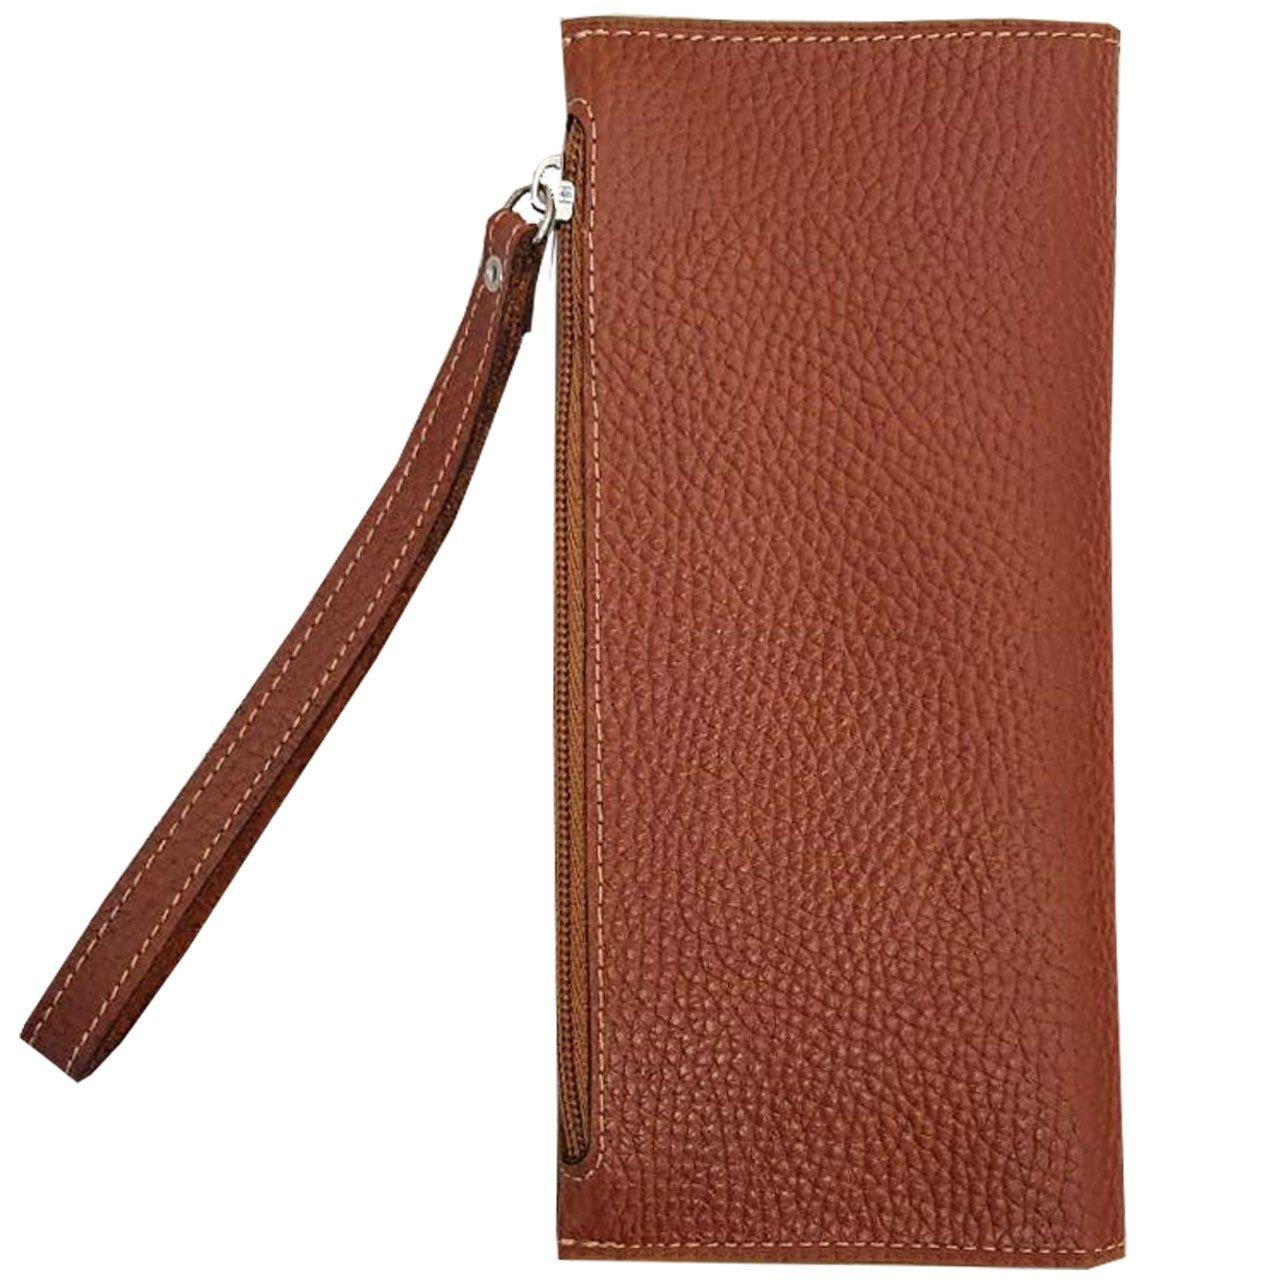 کیف پول و موبایل طرح فلوتر چرم آنیل مدل araz -  - 1